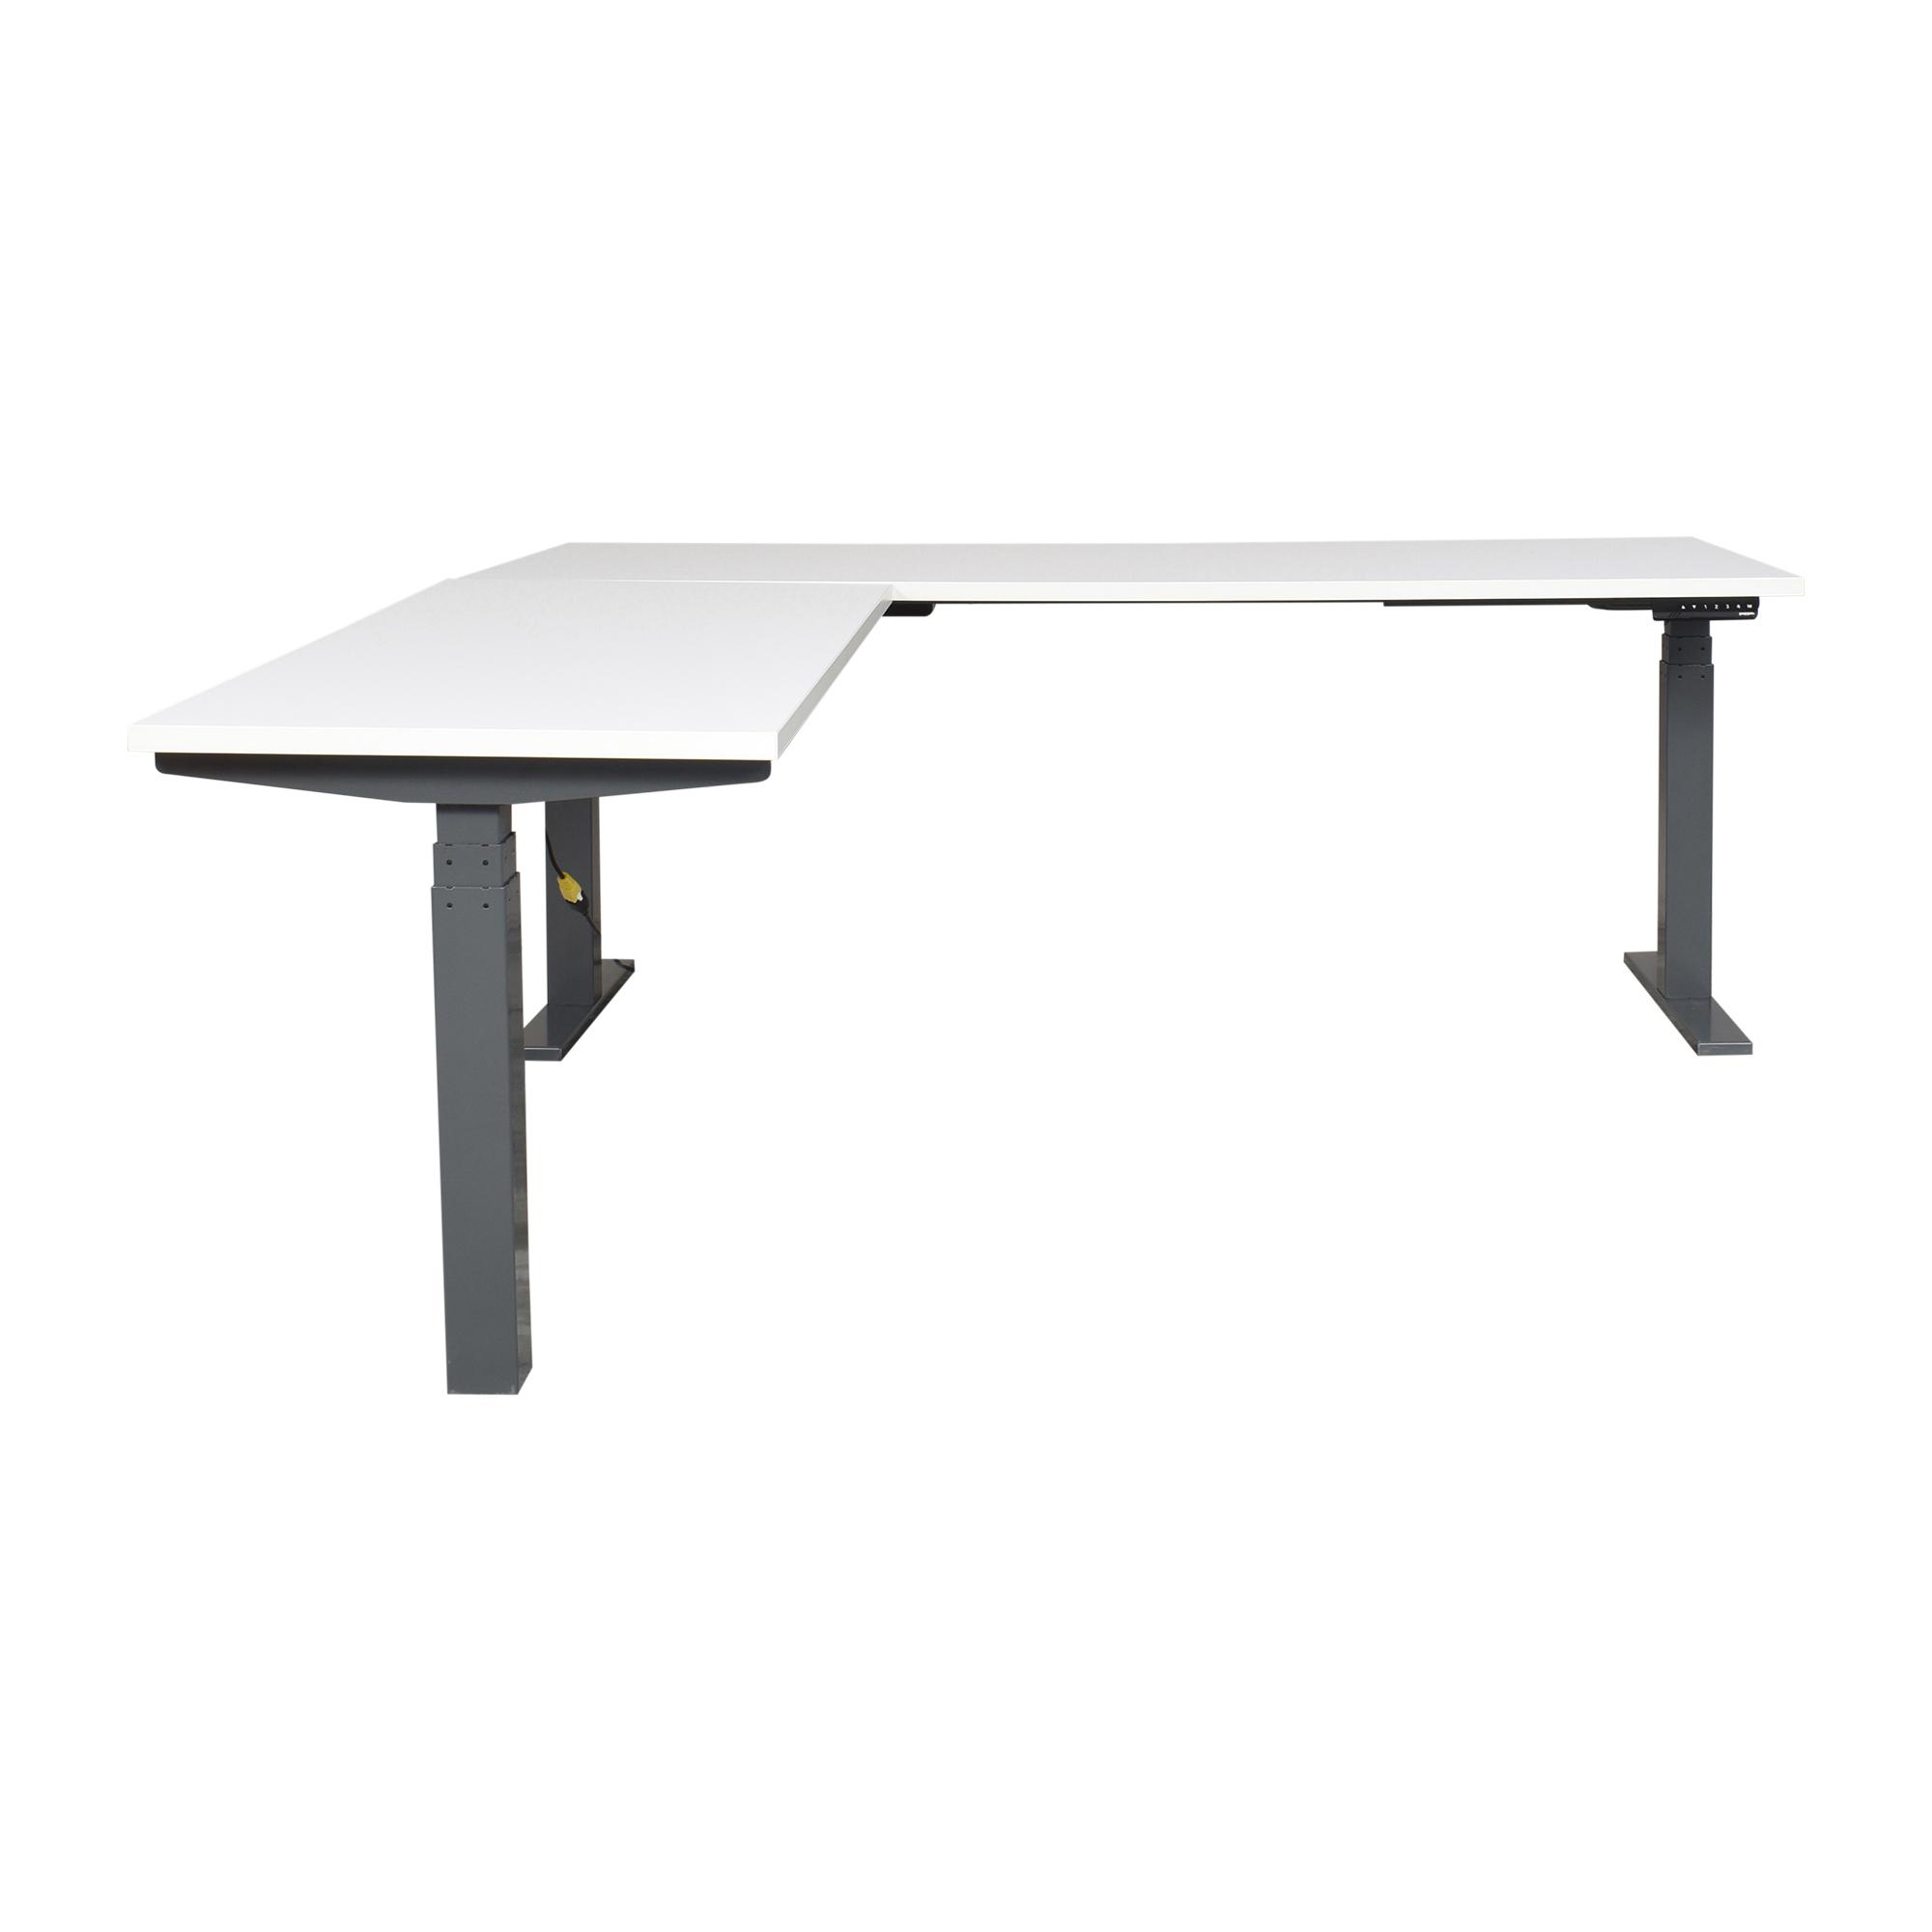 Poppin Series L Adjustable Height Corner Desk / Home Office Desks